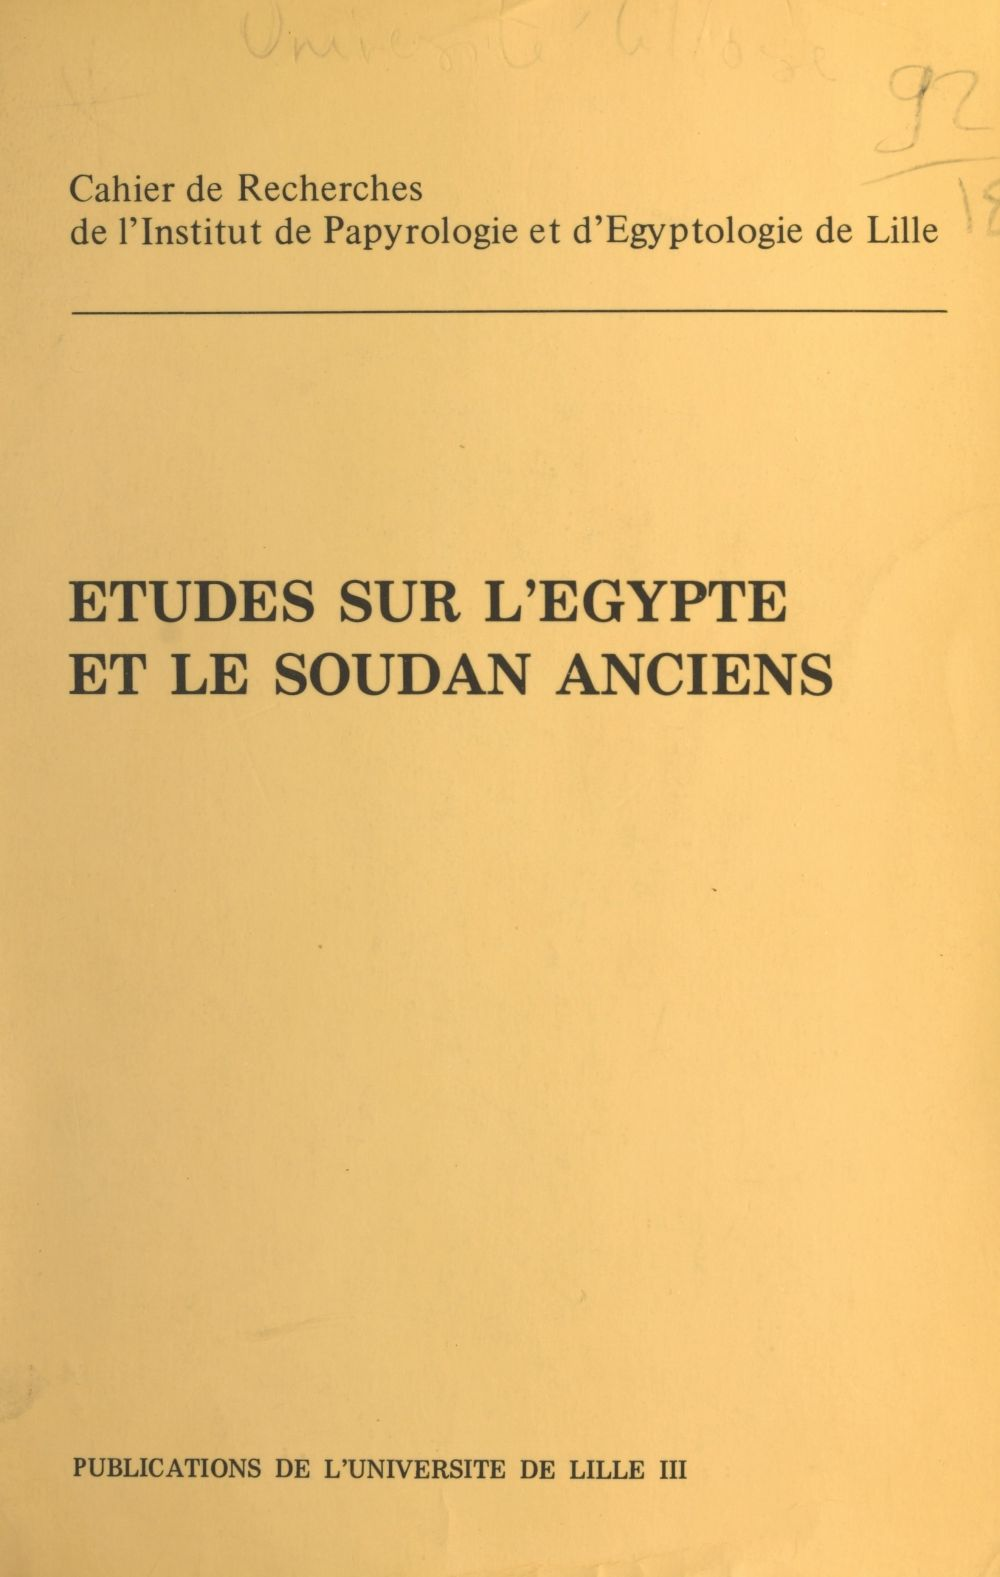 Cripel 5 : etudes sur l'egypte et le soudan anciens